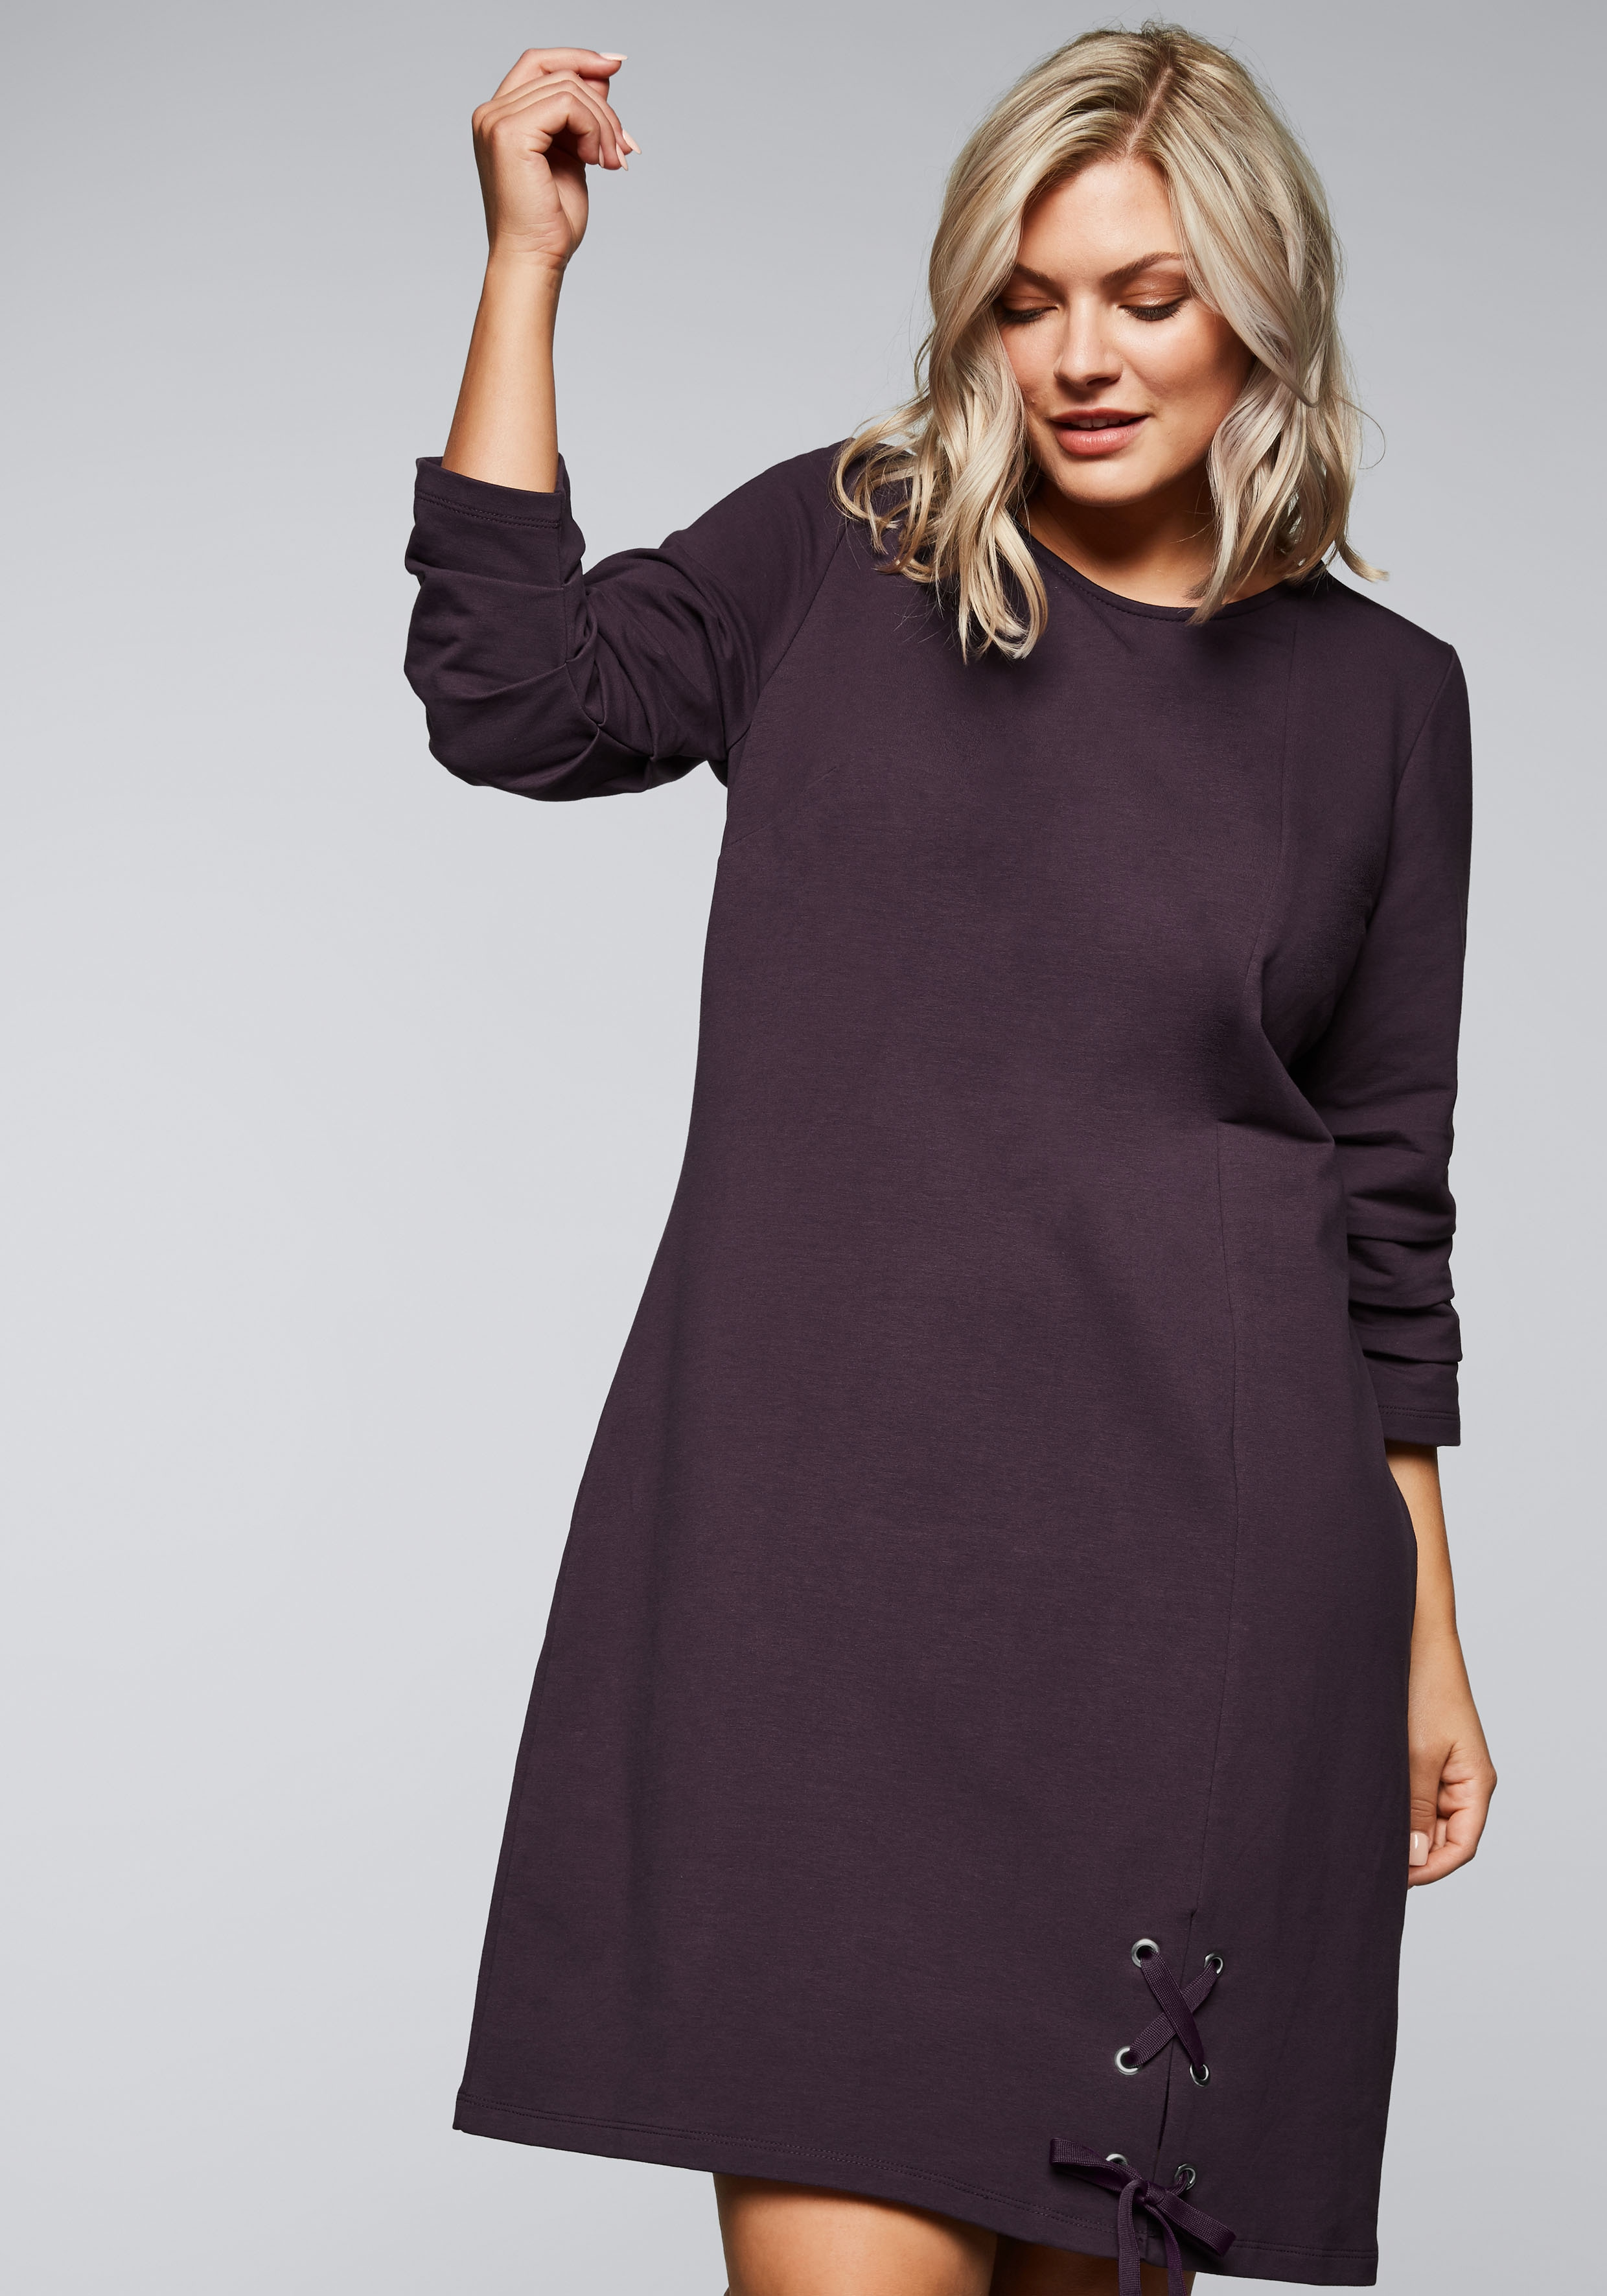 Sheego Sweatkleid Damenmode/Bekleidung/Kleider/Sweatkleider